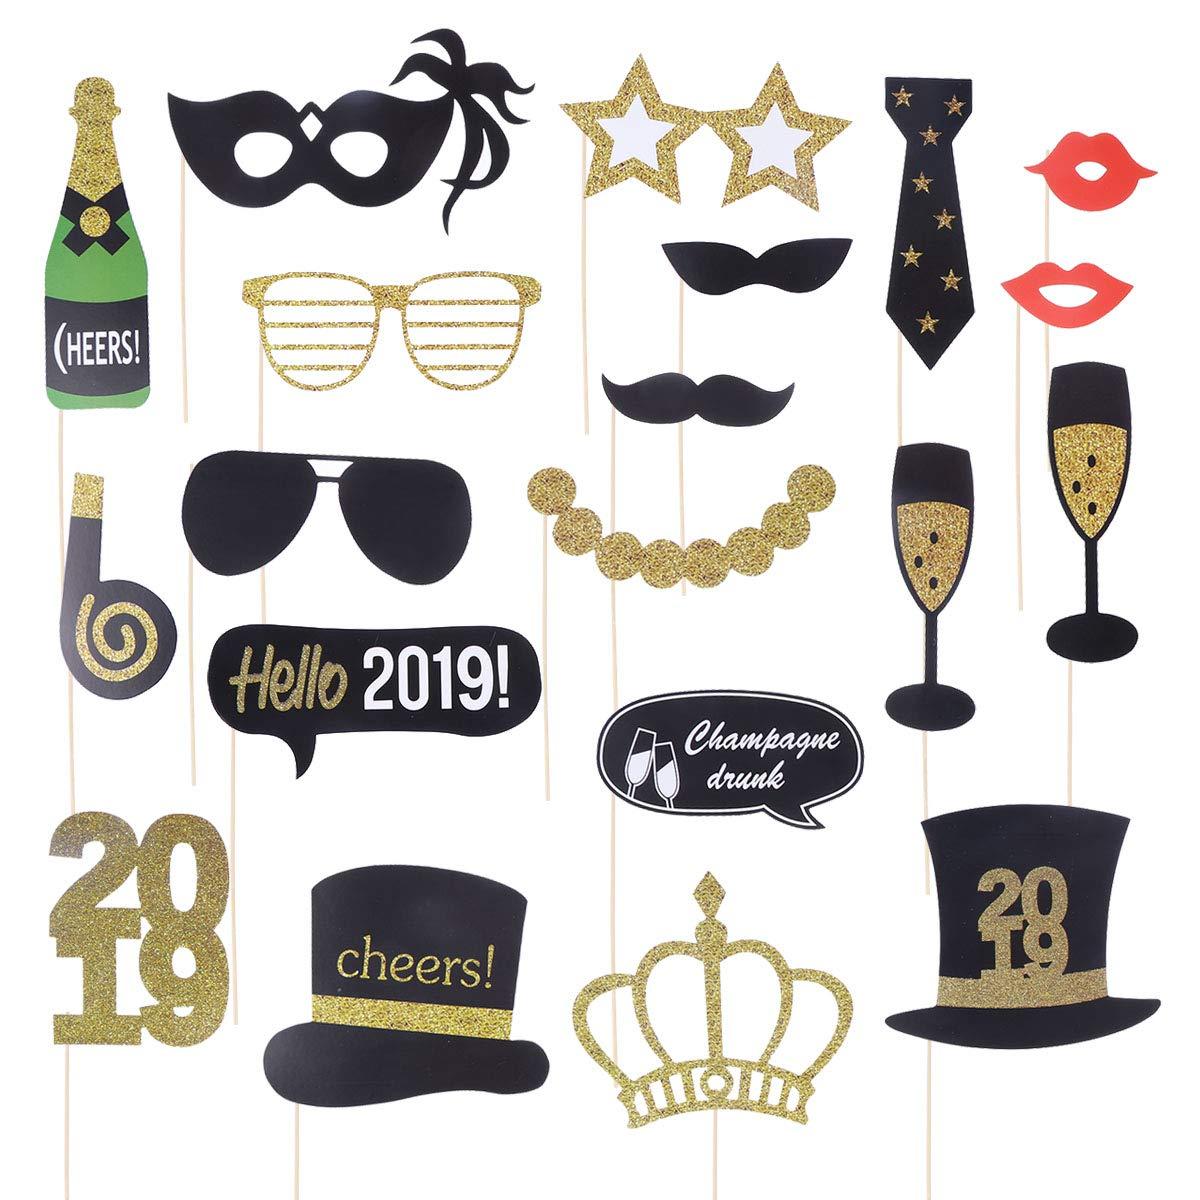 BESTOYARD 2019 Feliz Año Nuevo Kit de accesorios de Photo Booth Accesorios de fiesta de año nuevo divertidos con palos de bambú Brillo de accesorios de Photo Booth para Nochevieja Suministros de decoración de fiesta - 20 Paquete